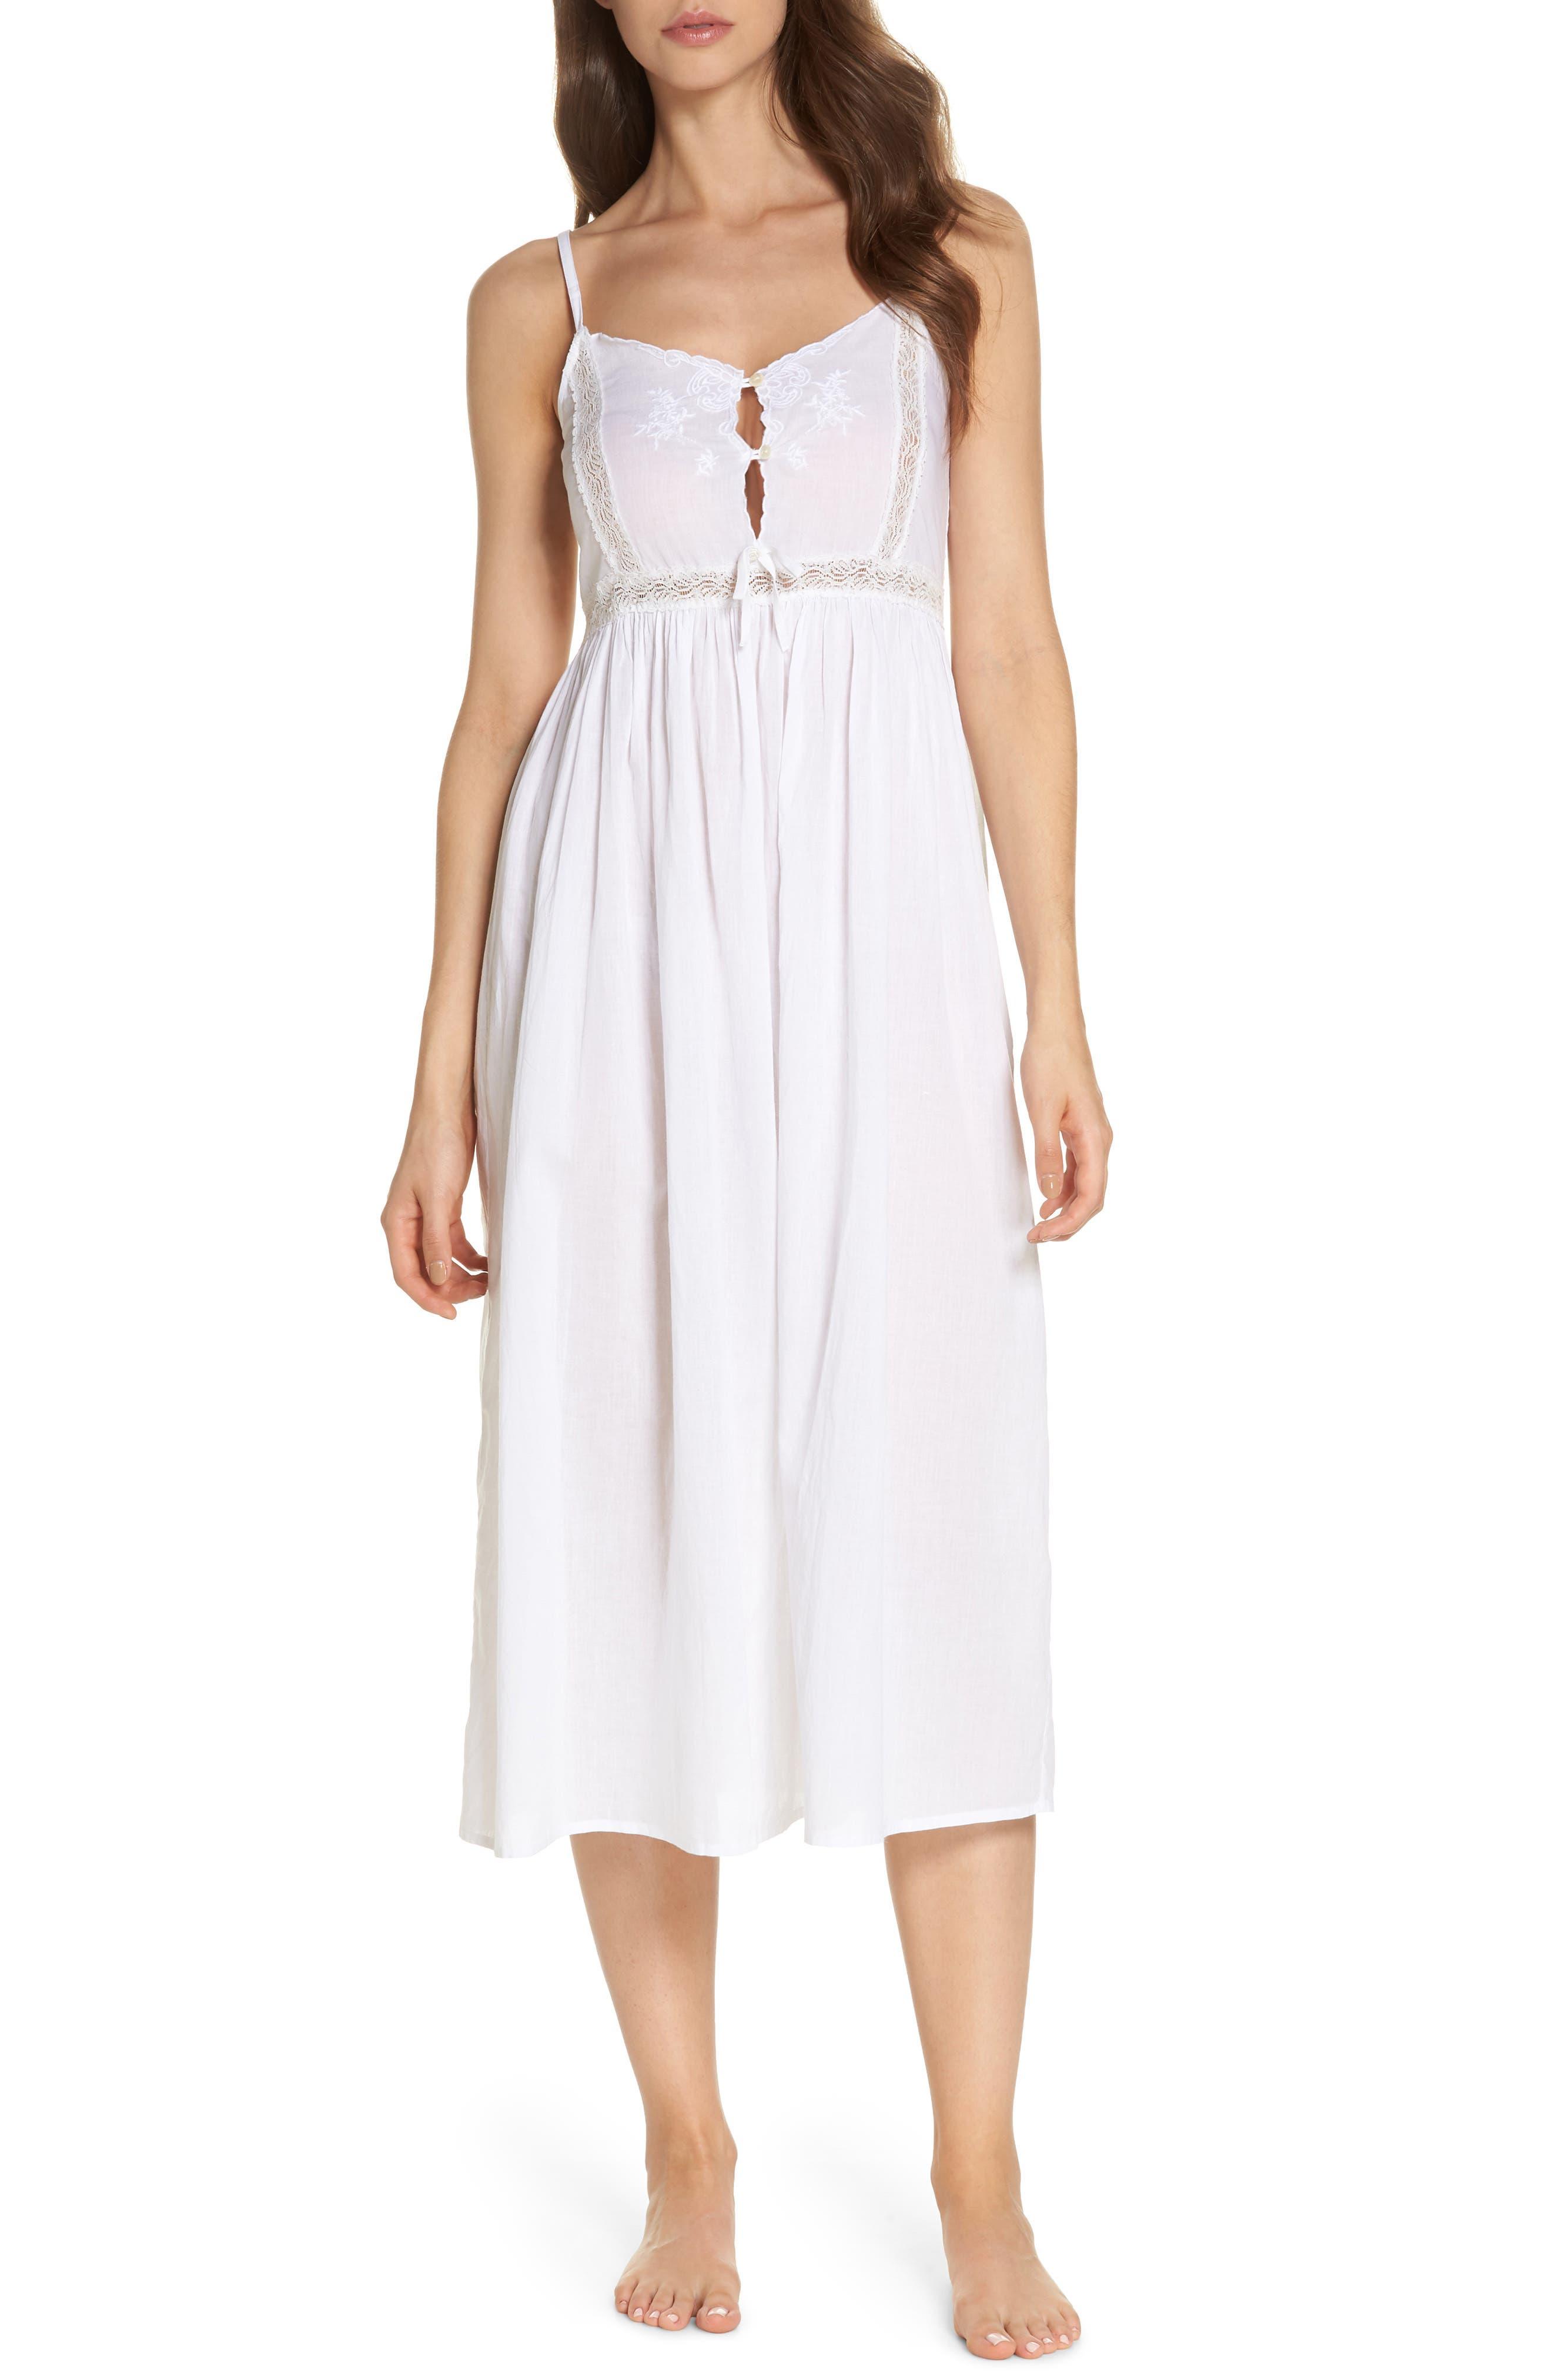 Pour Les Femmes Lace Trim Nightgown